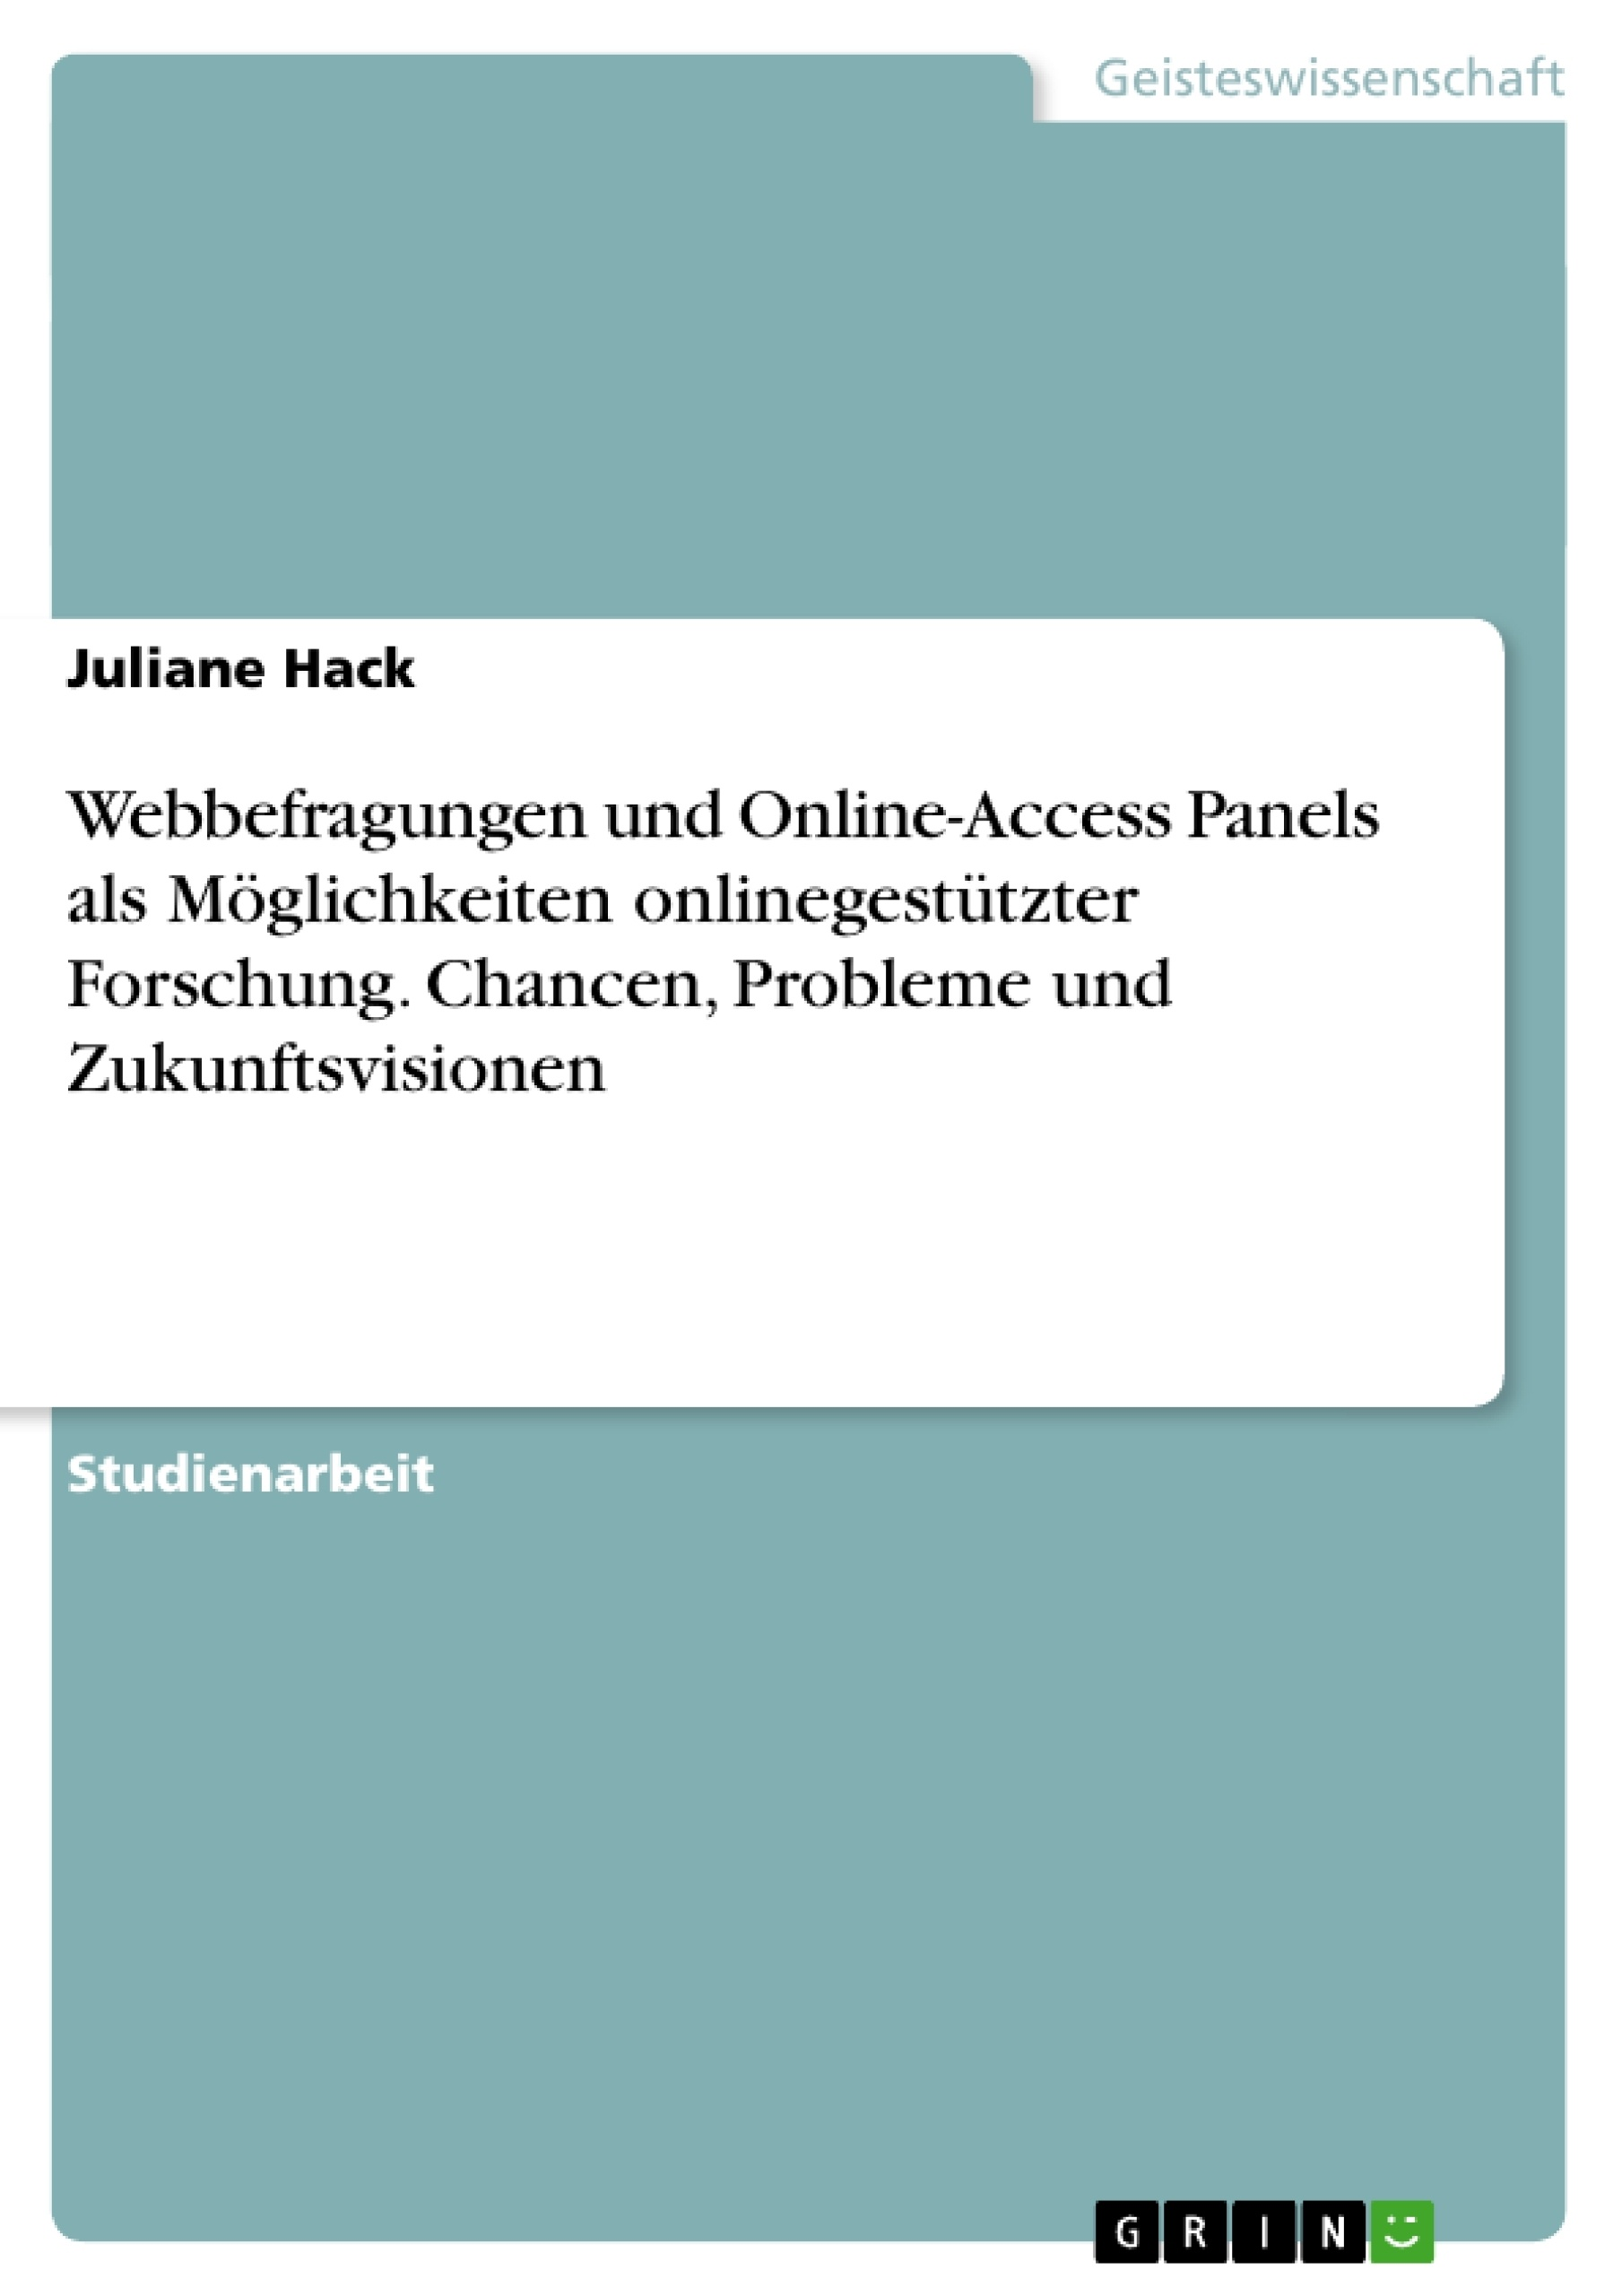 Titel: Webbefragungen und Online-Access Panels als Möglichkeiten onlinegestützter Forschung. Chancen, Probleme und Zukunftsvisionen